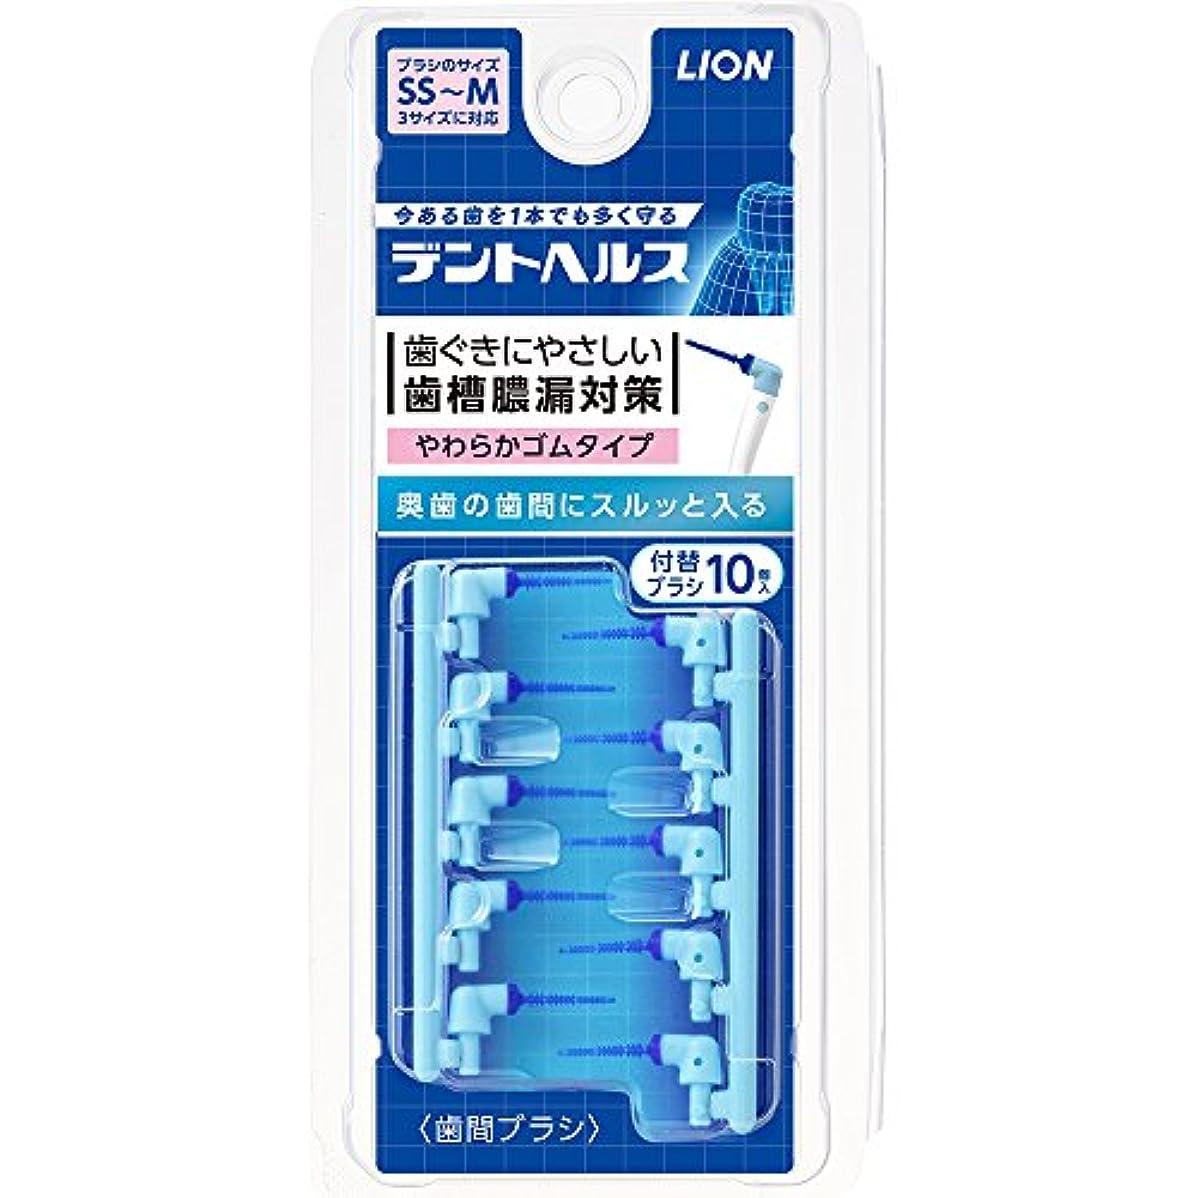 支払いまっすぐスパン歯槽膿漏予防に デントヘルス 歯間ブラシ 付替用